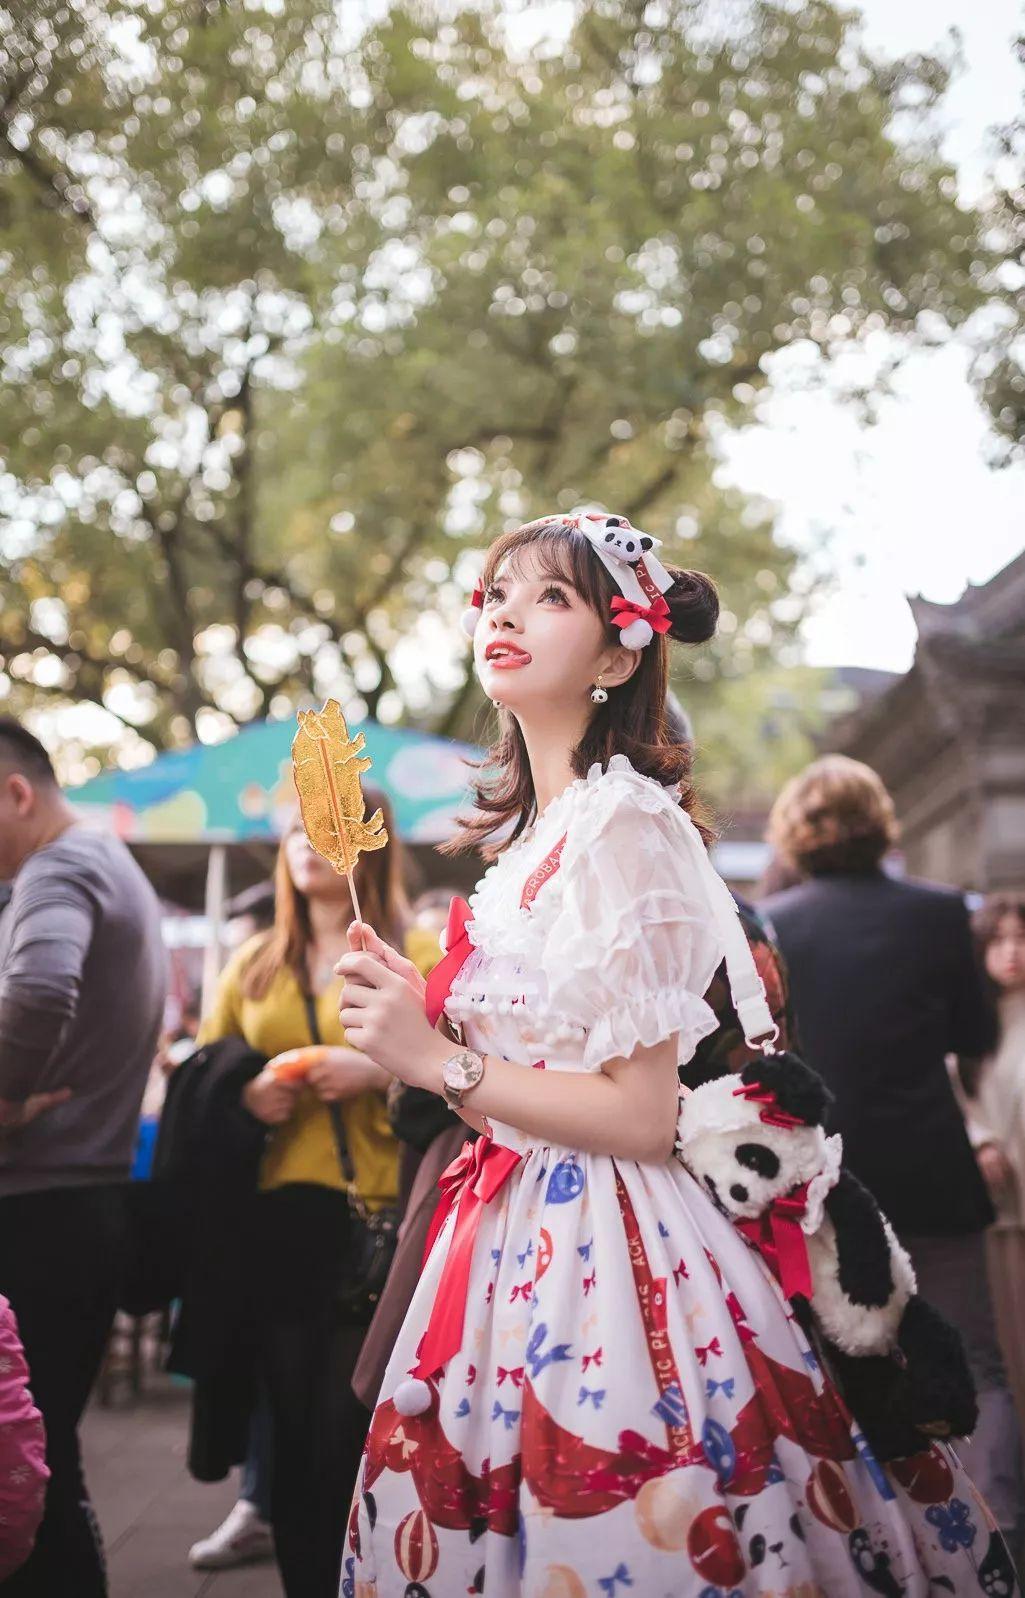 妹子摄影 – 鬼马精灵Lolita女孩@-谢安然-外出旅拍_图片 No.7